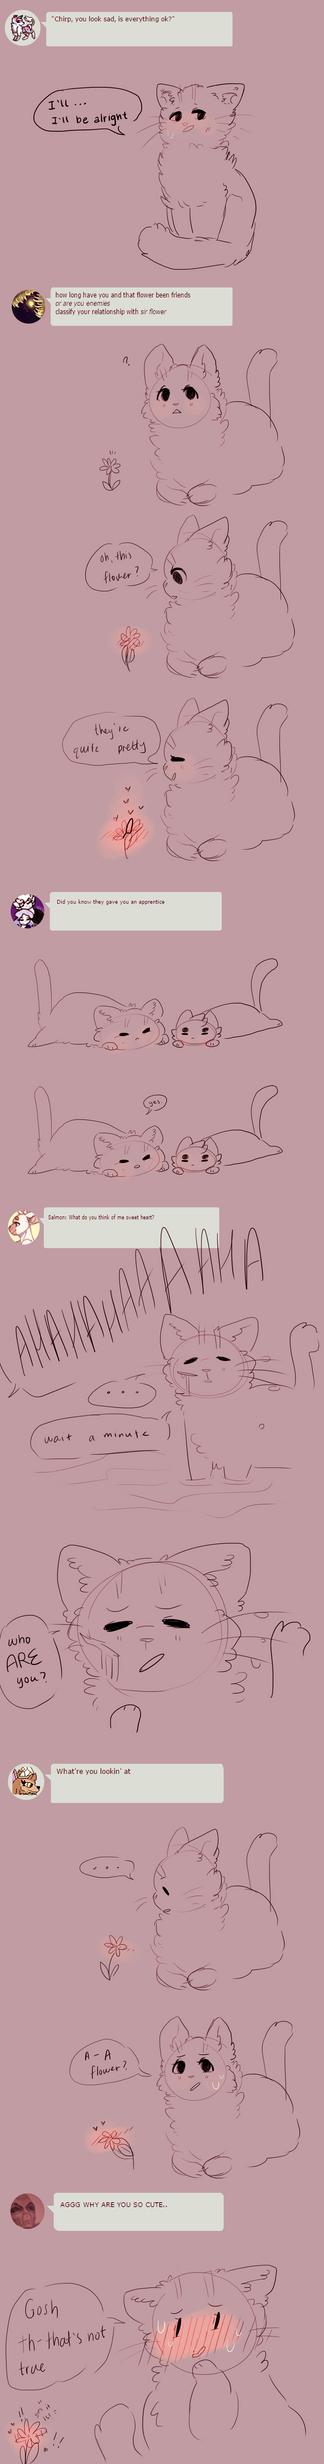 [ Ask LittleChirp ] by LittlePidgie